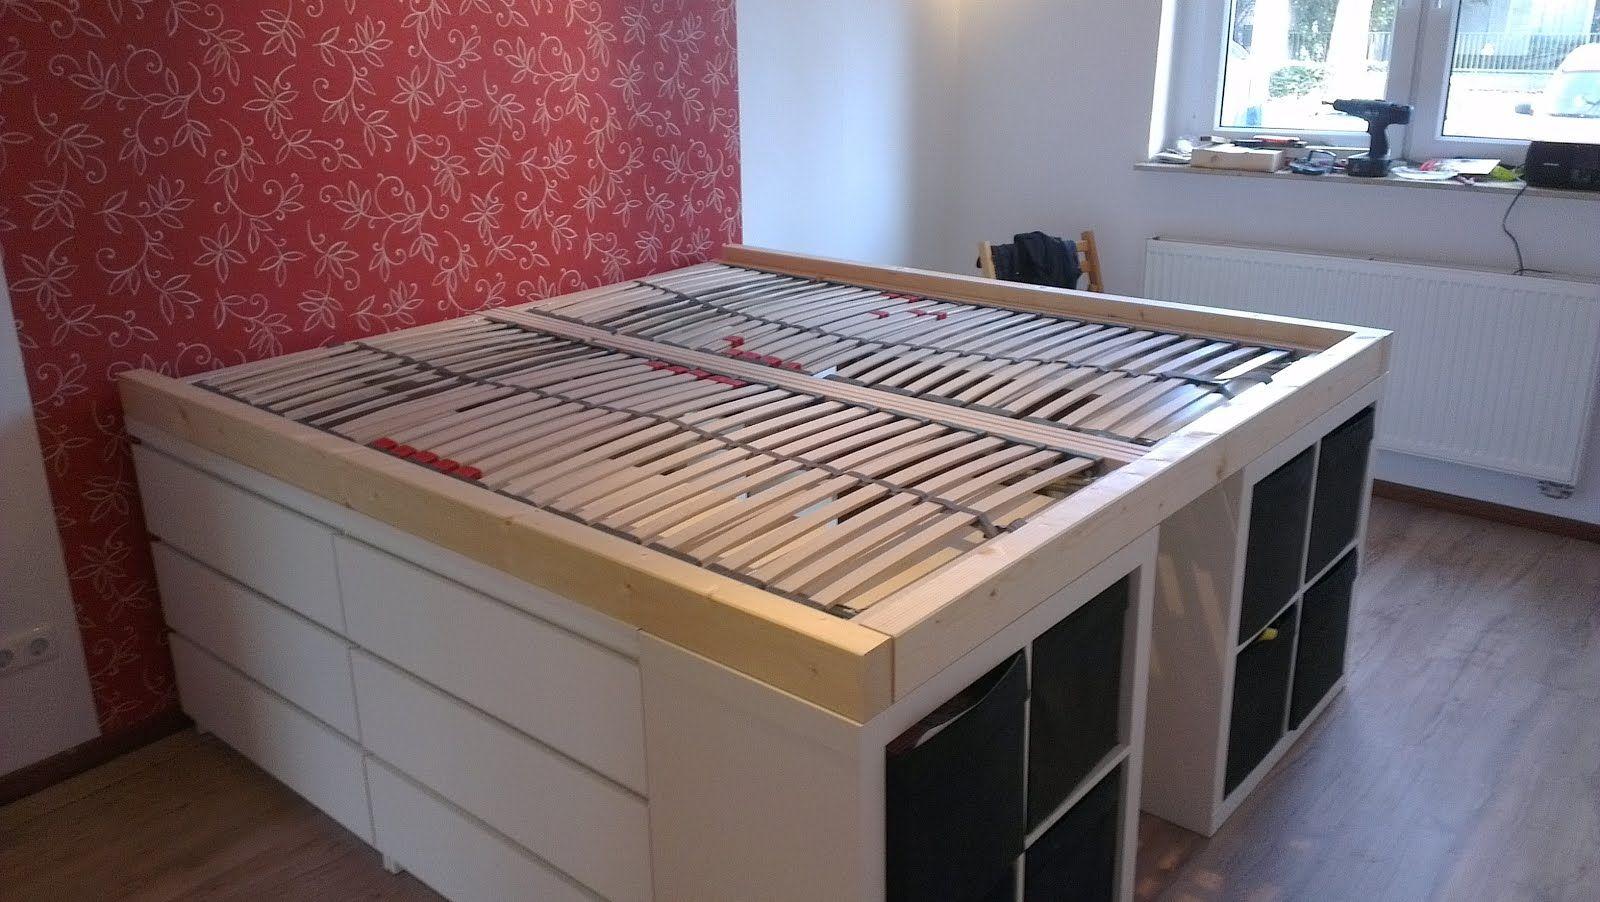 Half A Loft Bed   Décoration Intérieure Chambre, Ikea Et Lit ... tout Coffre De Jardin Ikea